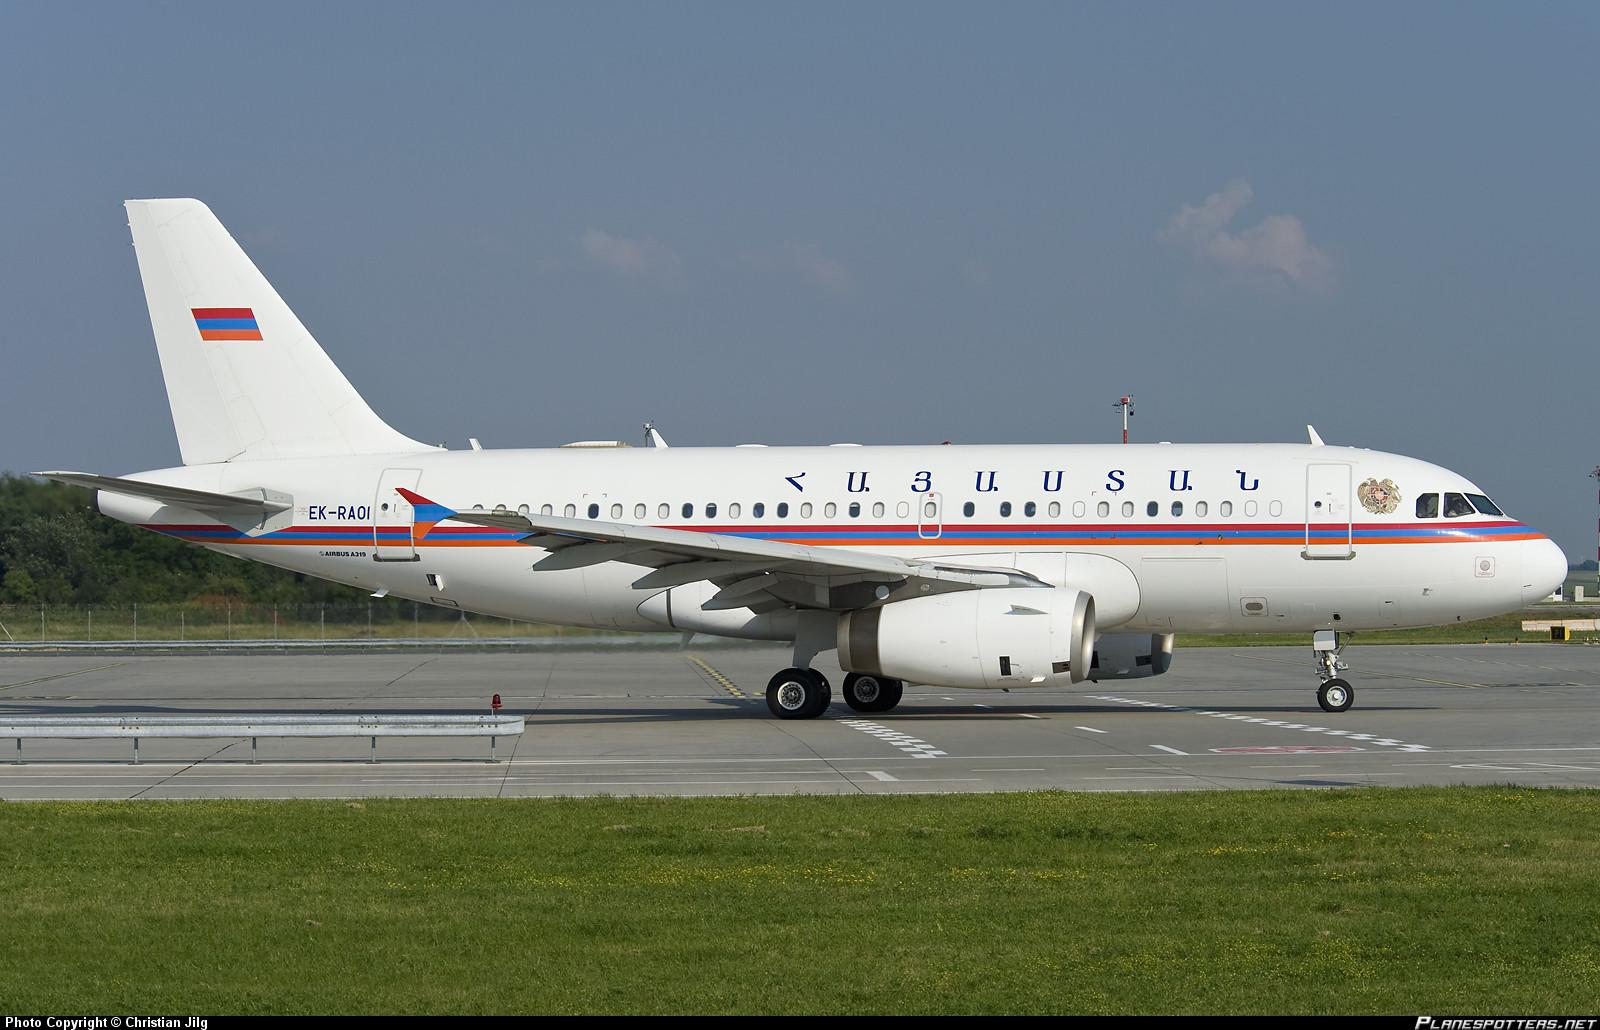 Беларусь. Авиакомпания Belavia эксплуатирует Boeing 767-300ER (фото 1), Boeing 737 Business Jet и Ту